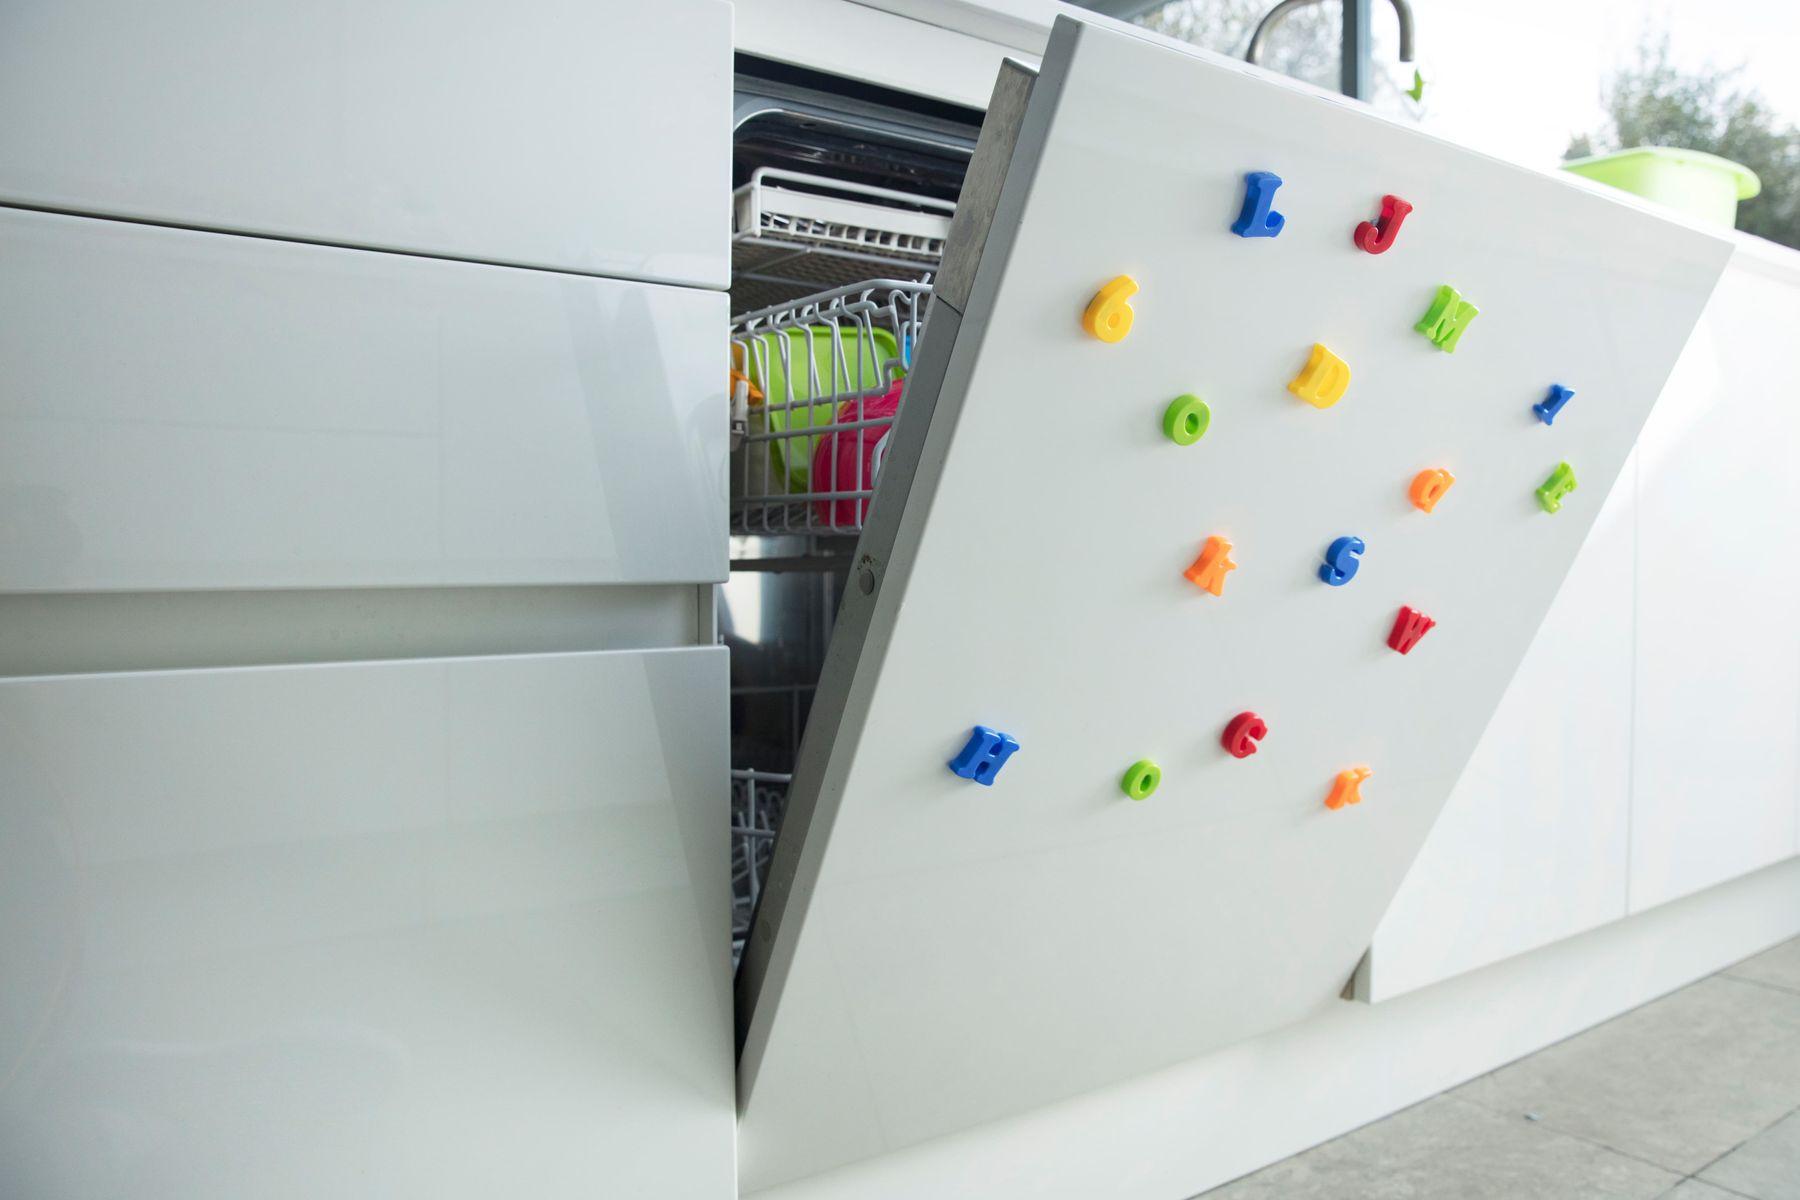 Maquina de lavar louças aberta